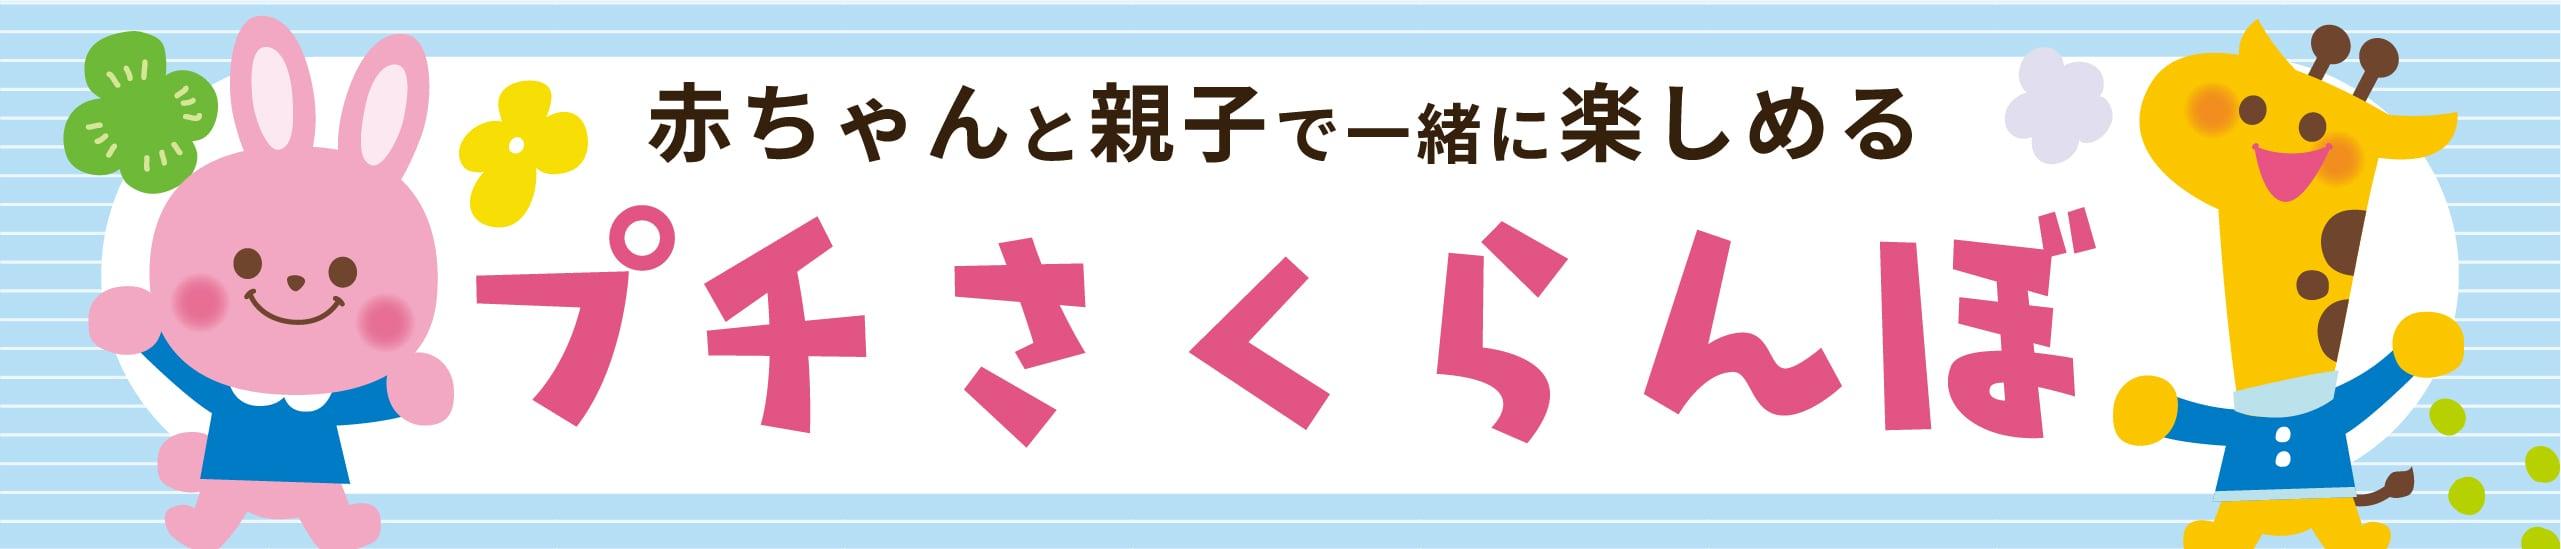 ぷちさくらんぼ